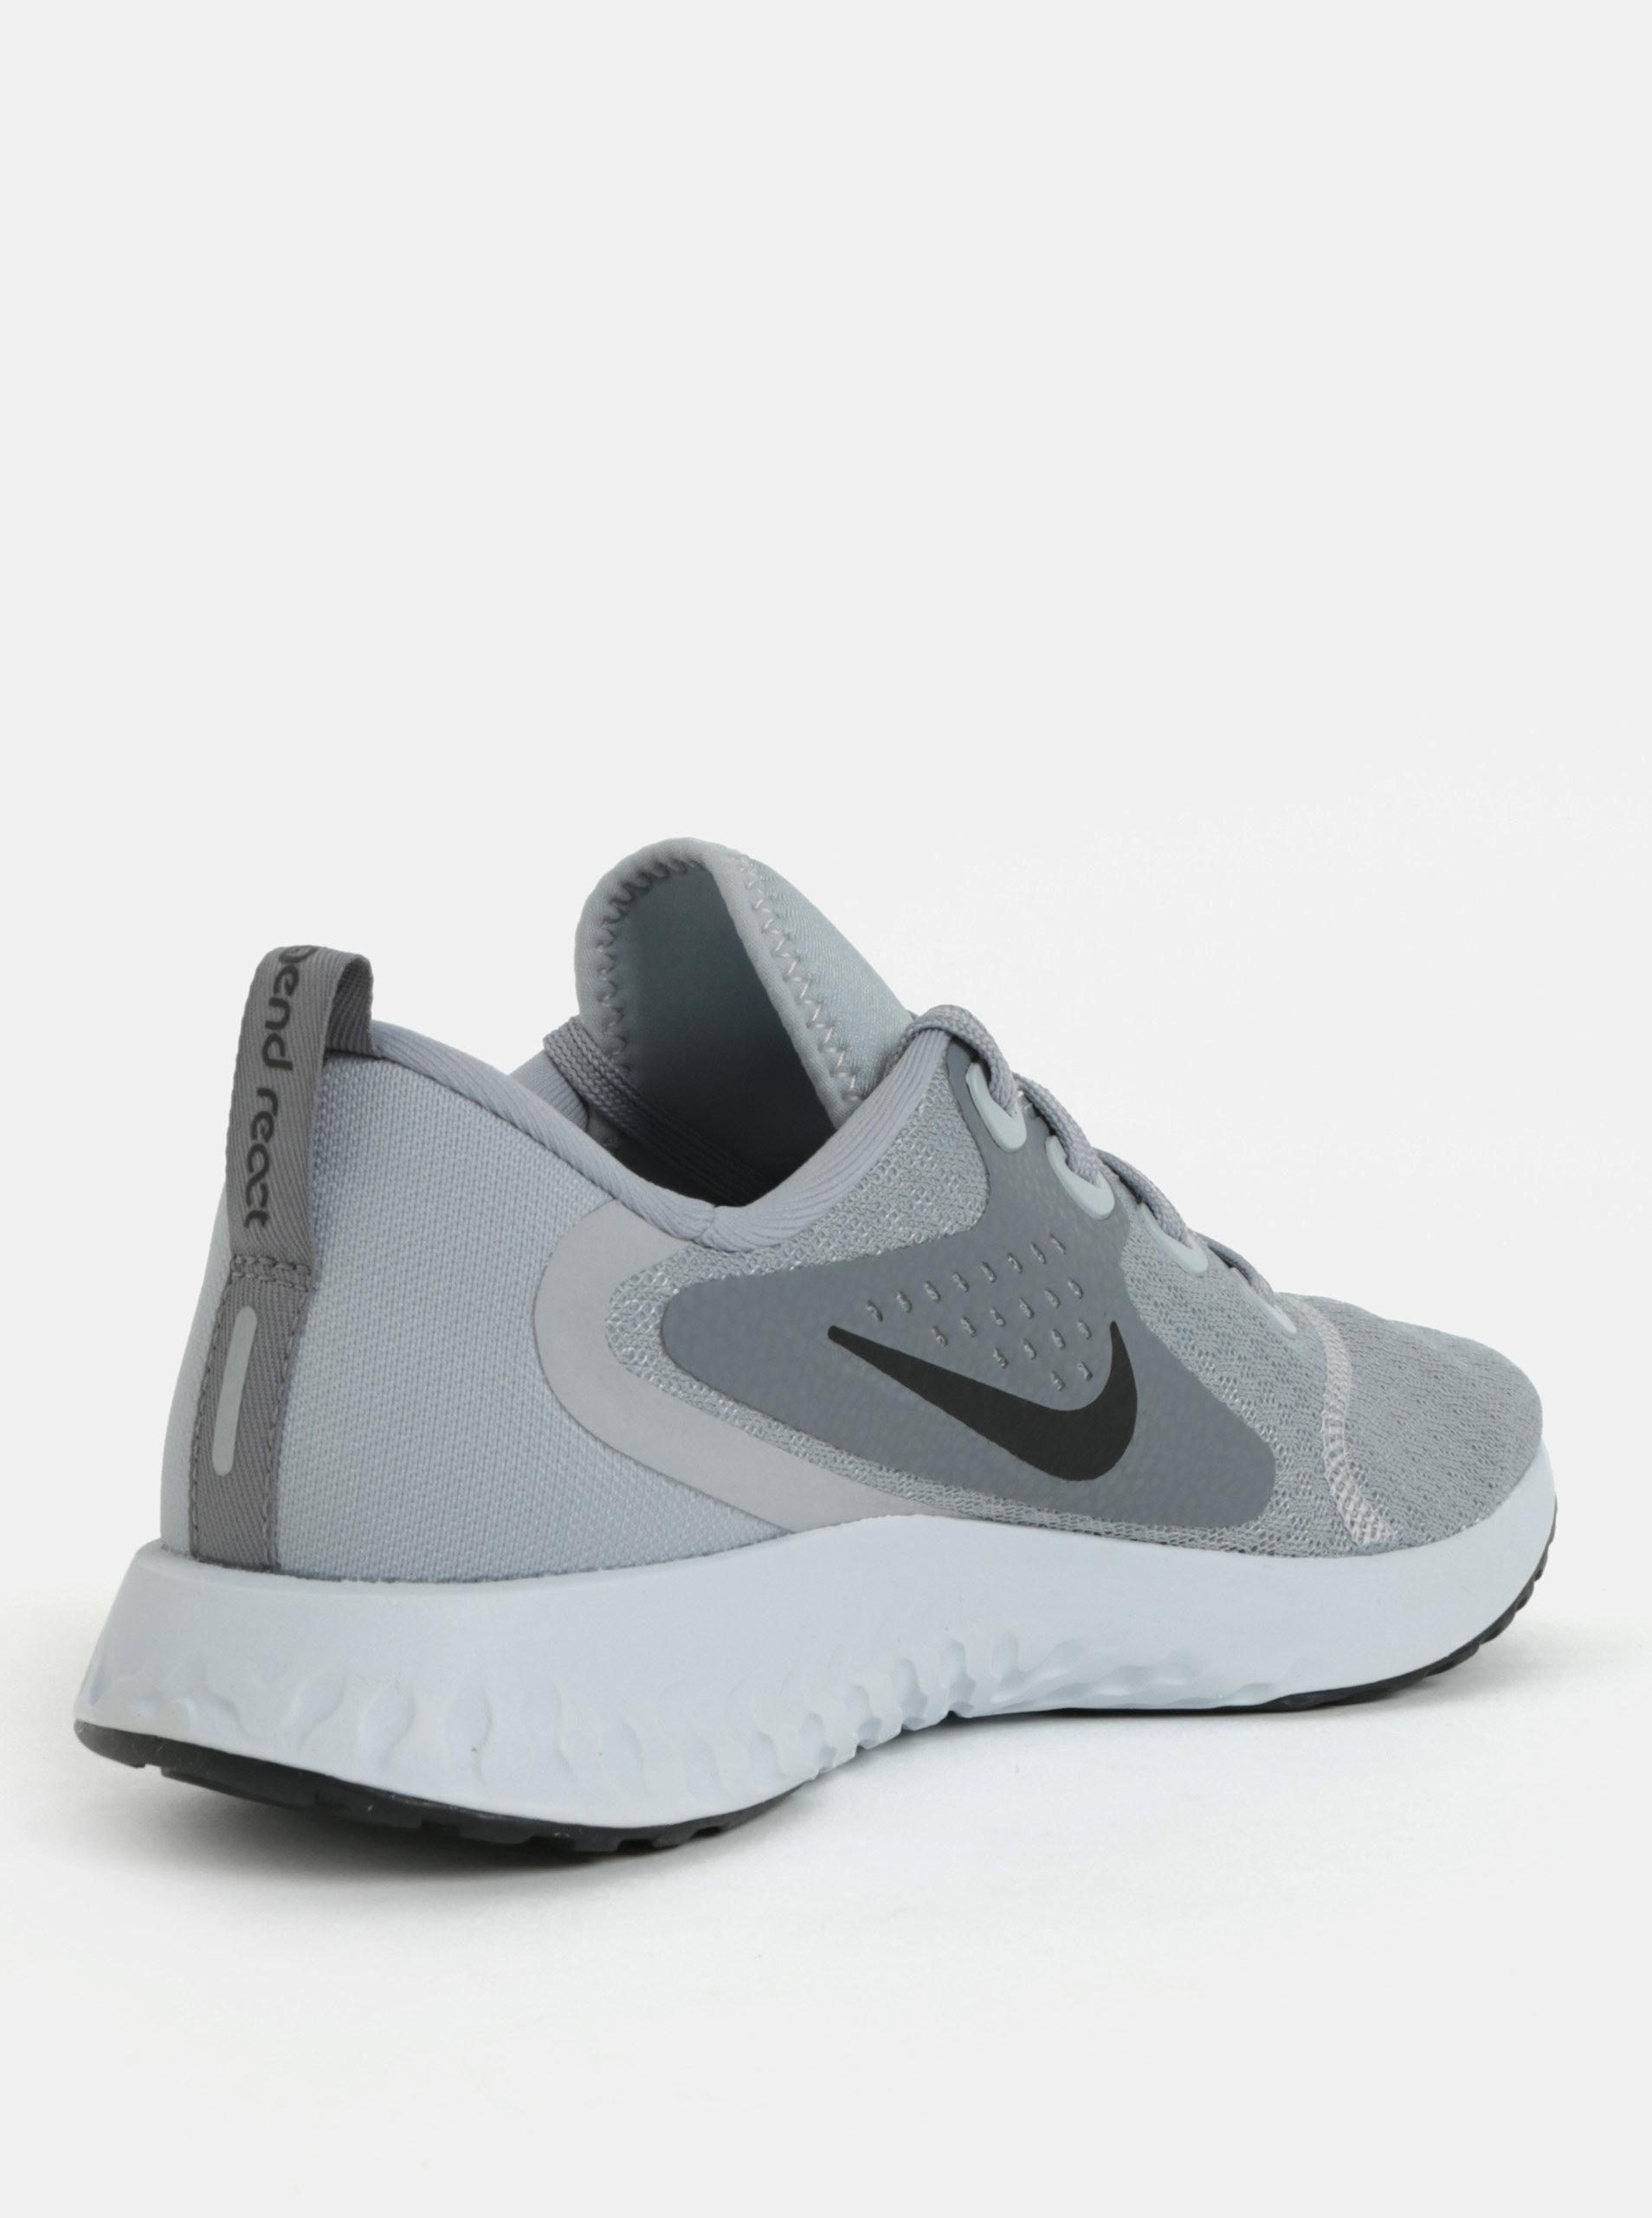 4d83212bcabc Šedé dámské tenisky Nike Legend React ...